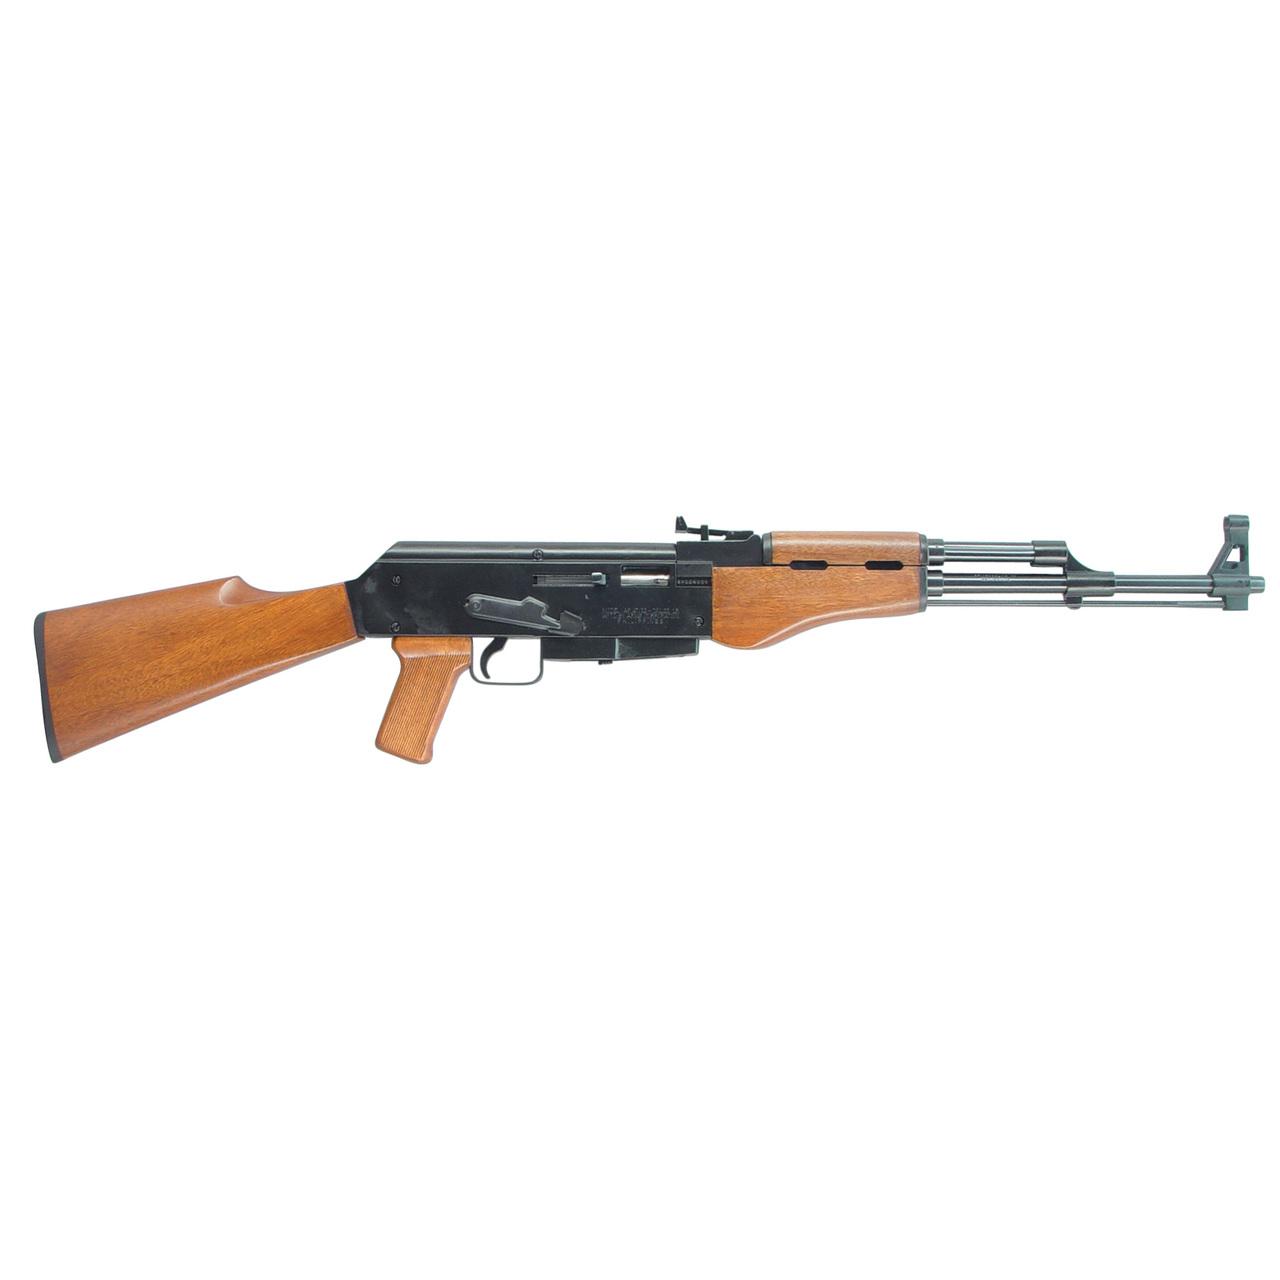 Armscor MAK22 SA 22LR